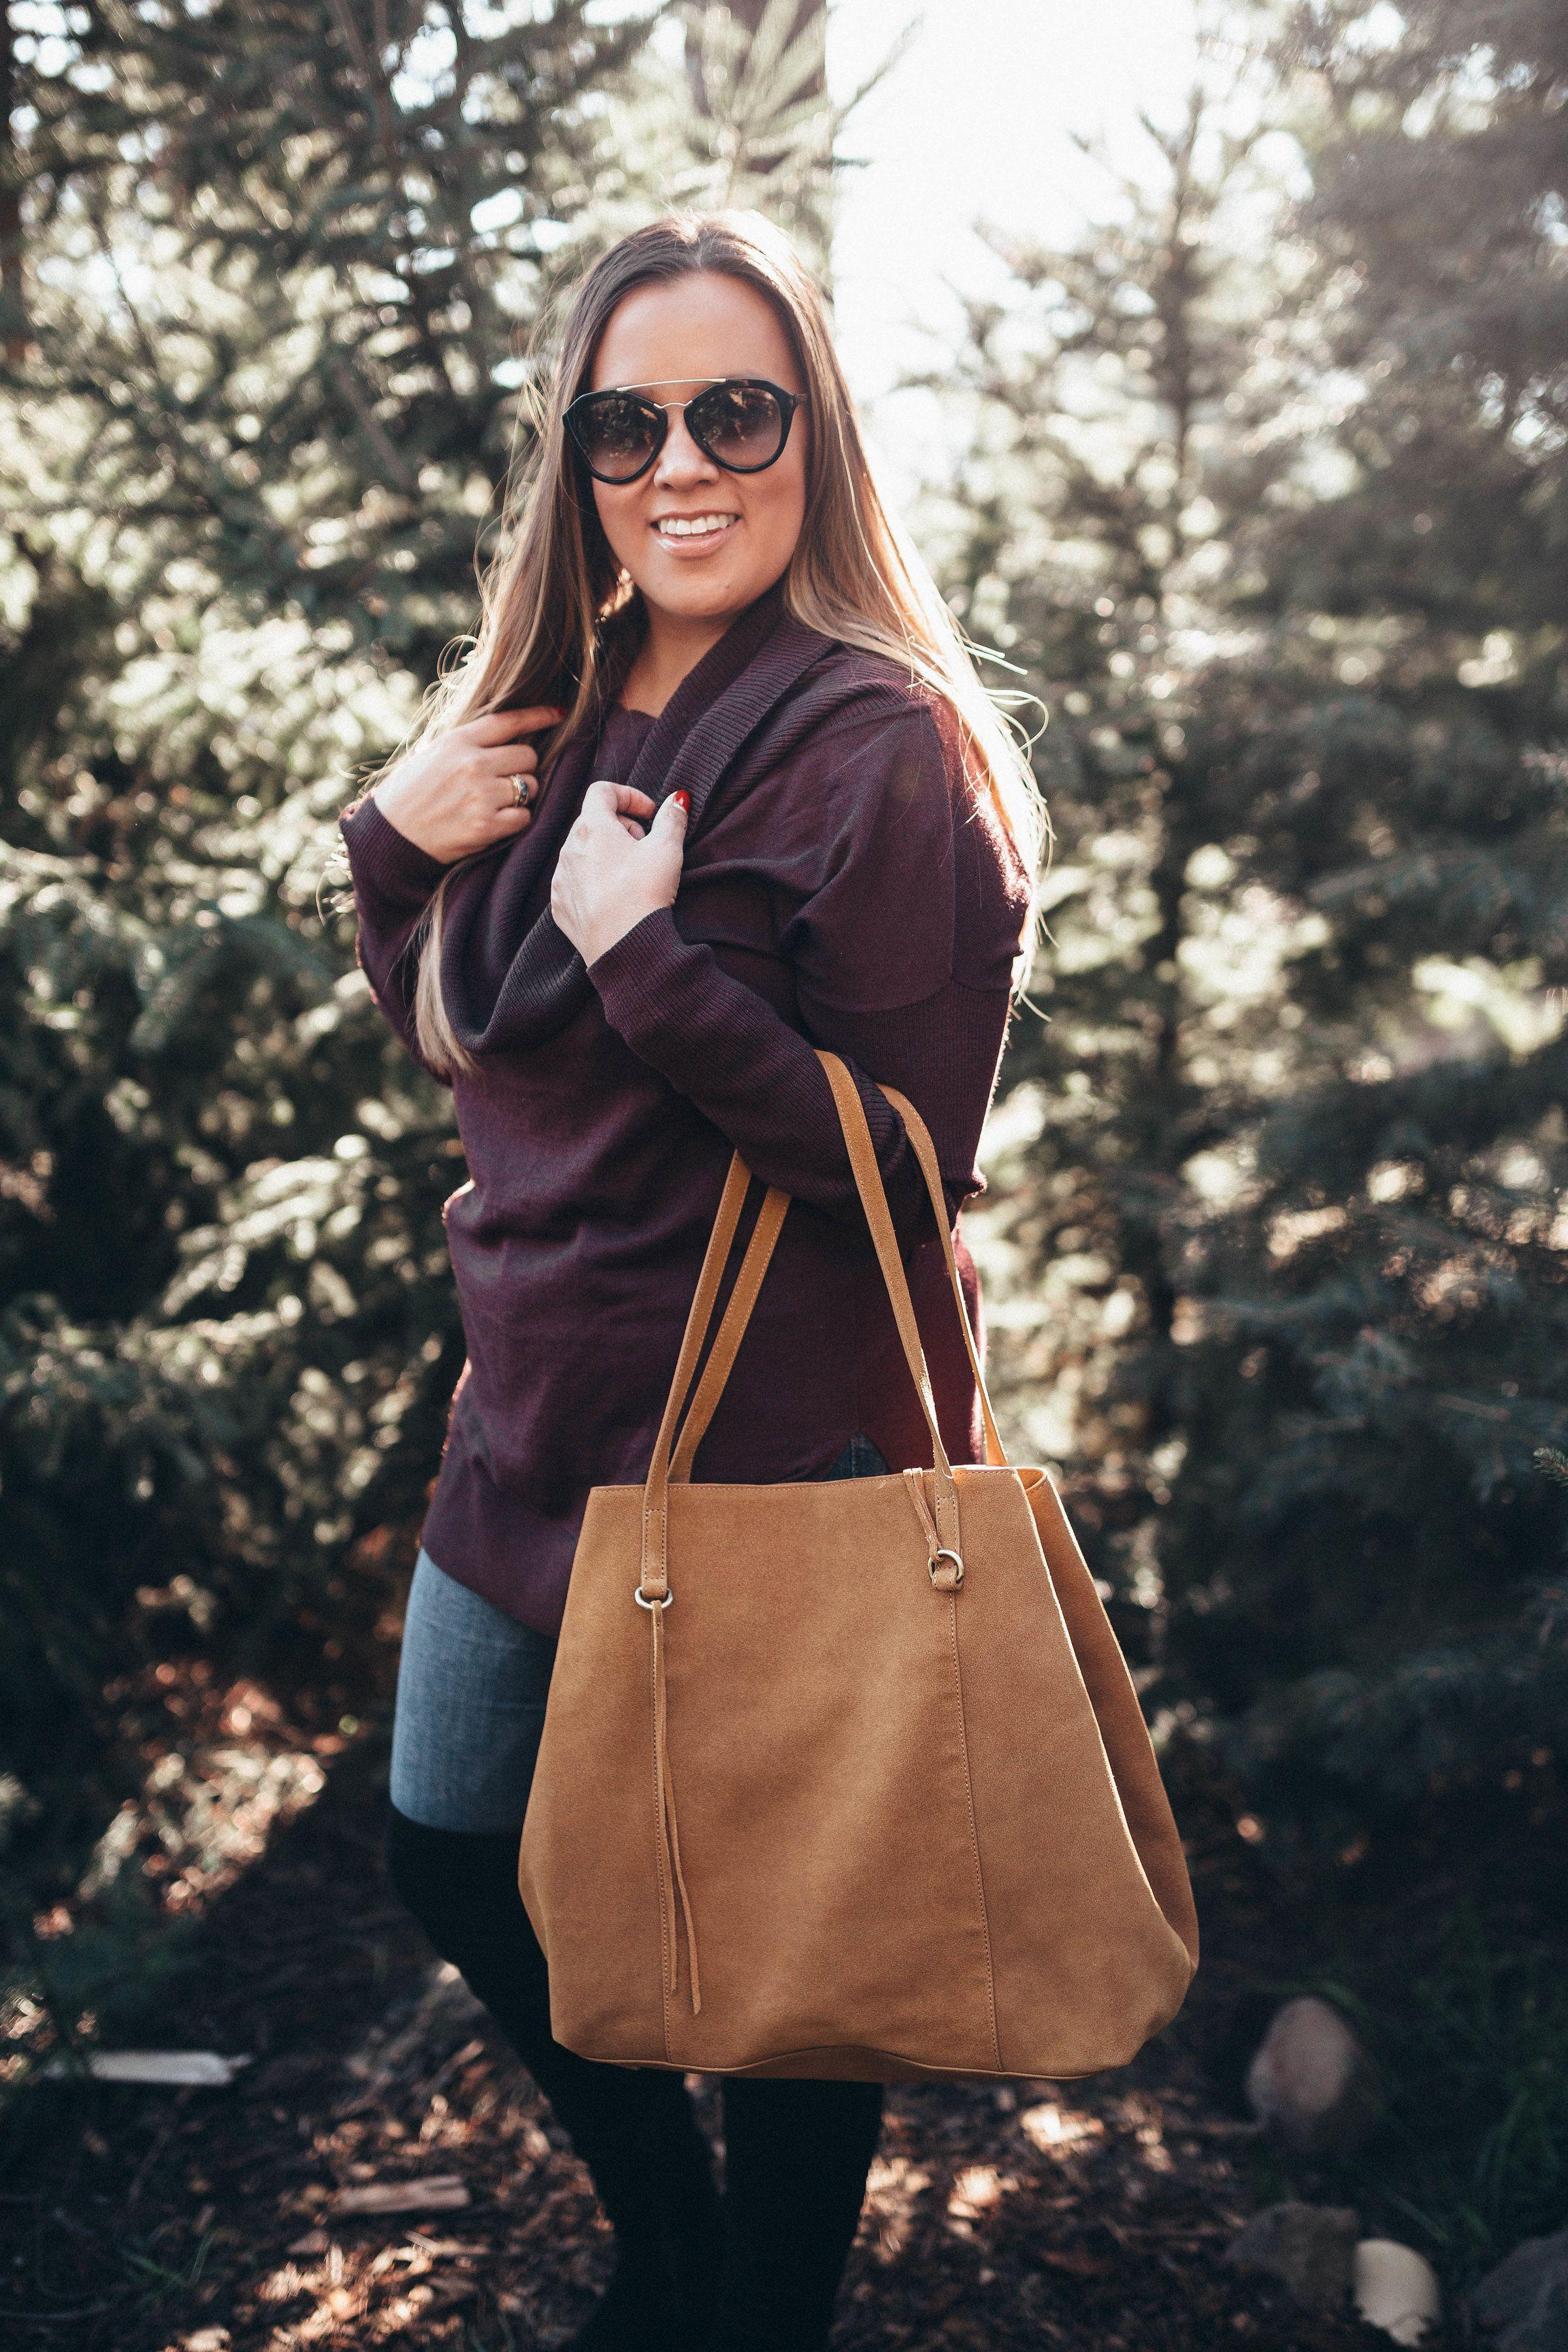 Hobo Tote Bag New Trends Ashley Emily Hobo Tote Hobo Tote Bag Hobo